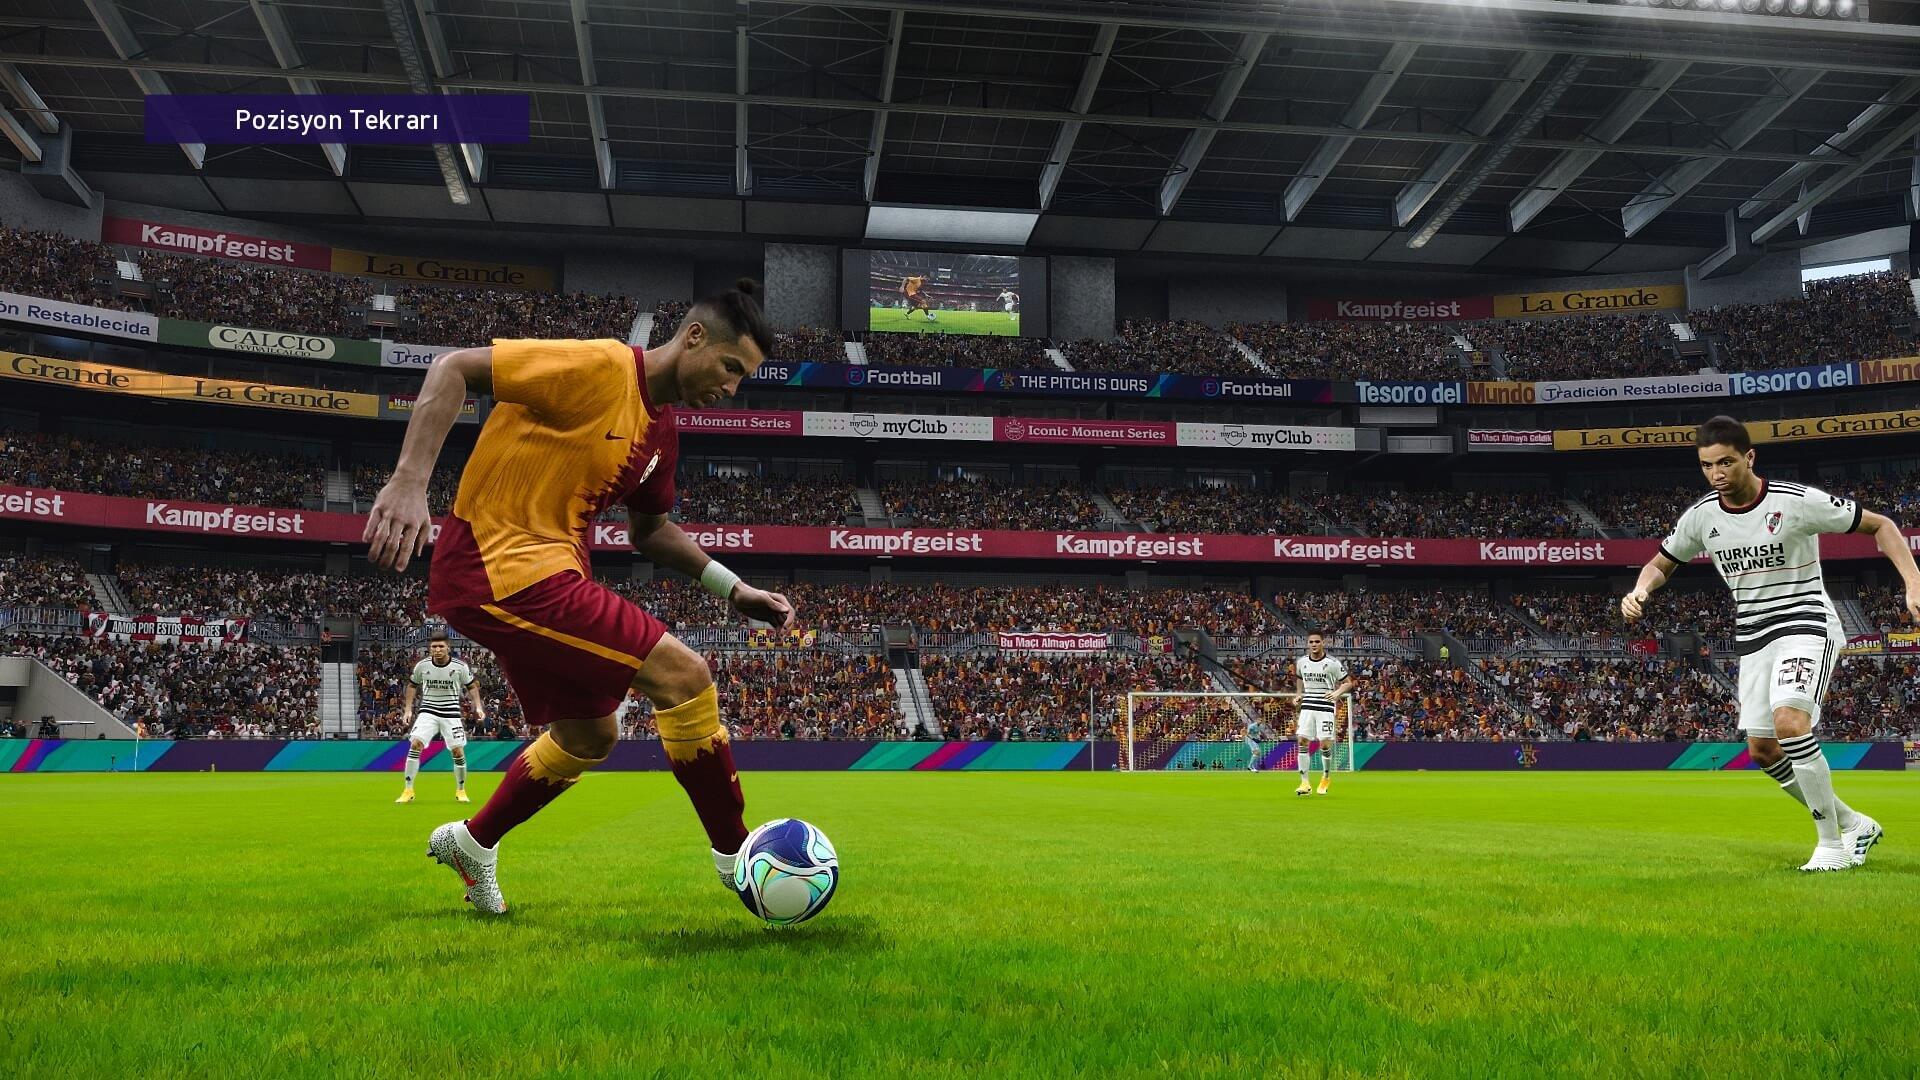 eFootball PES 2021: Saha dizilişi açısından en iyi taktikler nelerdir?